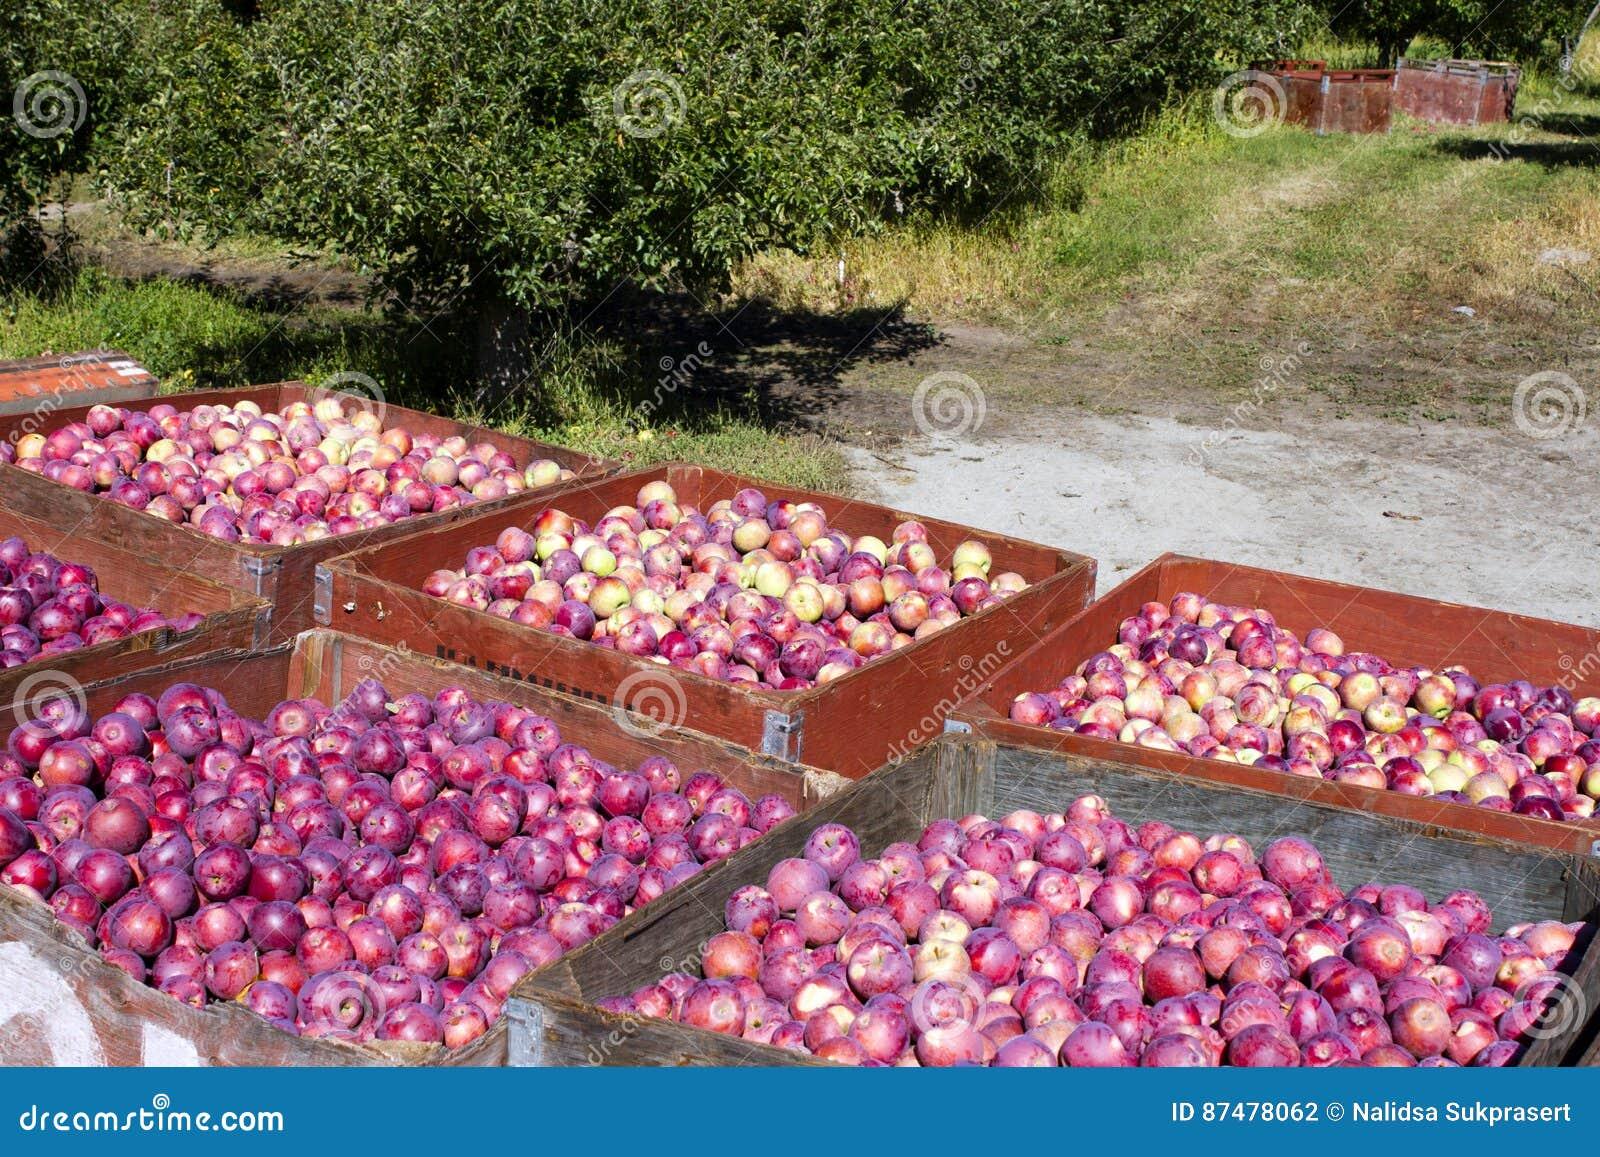 Ernten von organischen roten Äpfeln